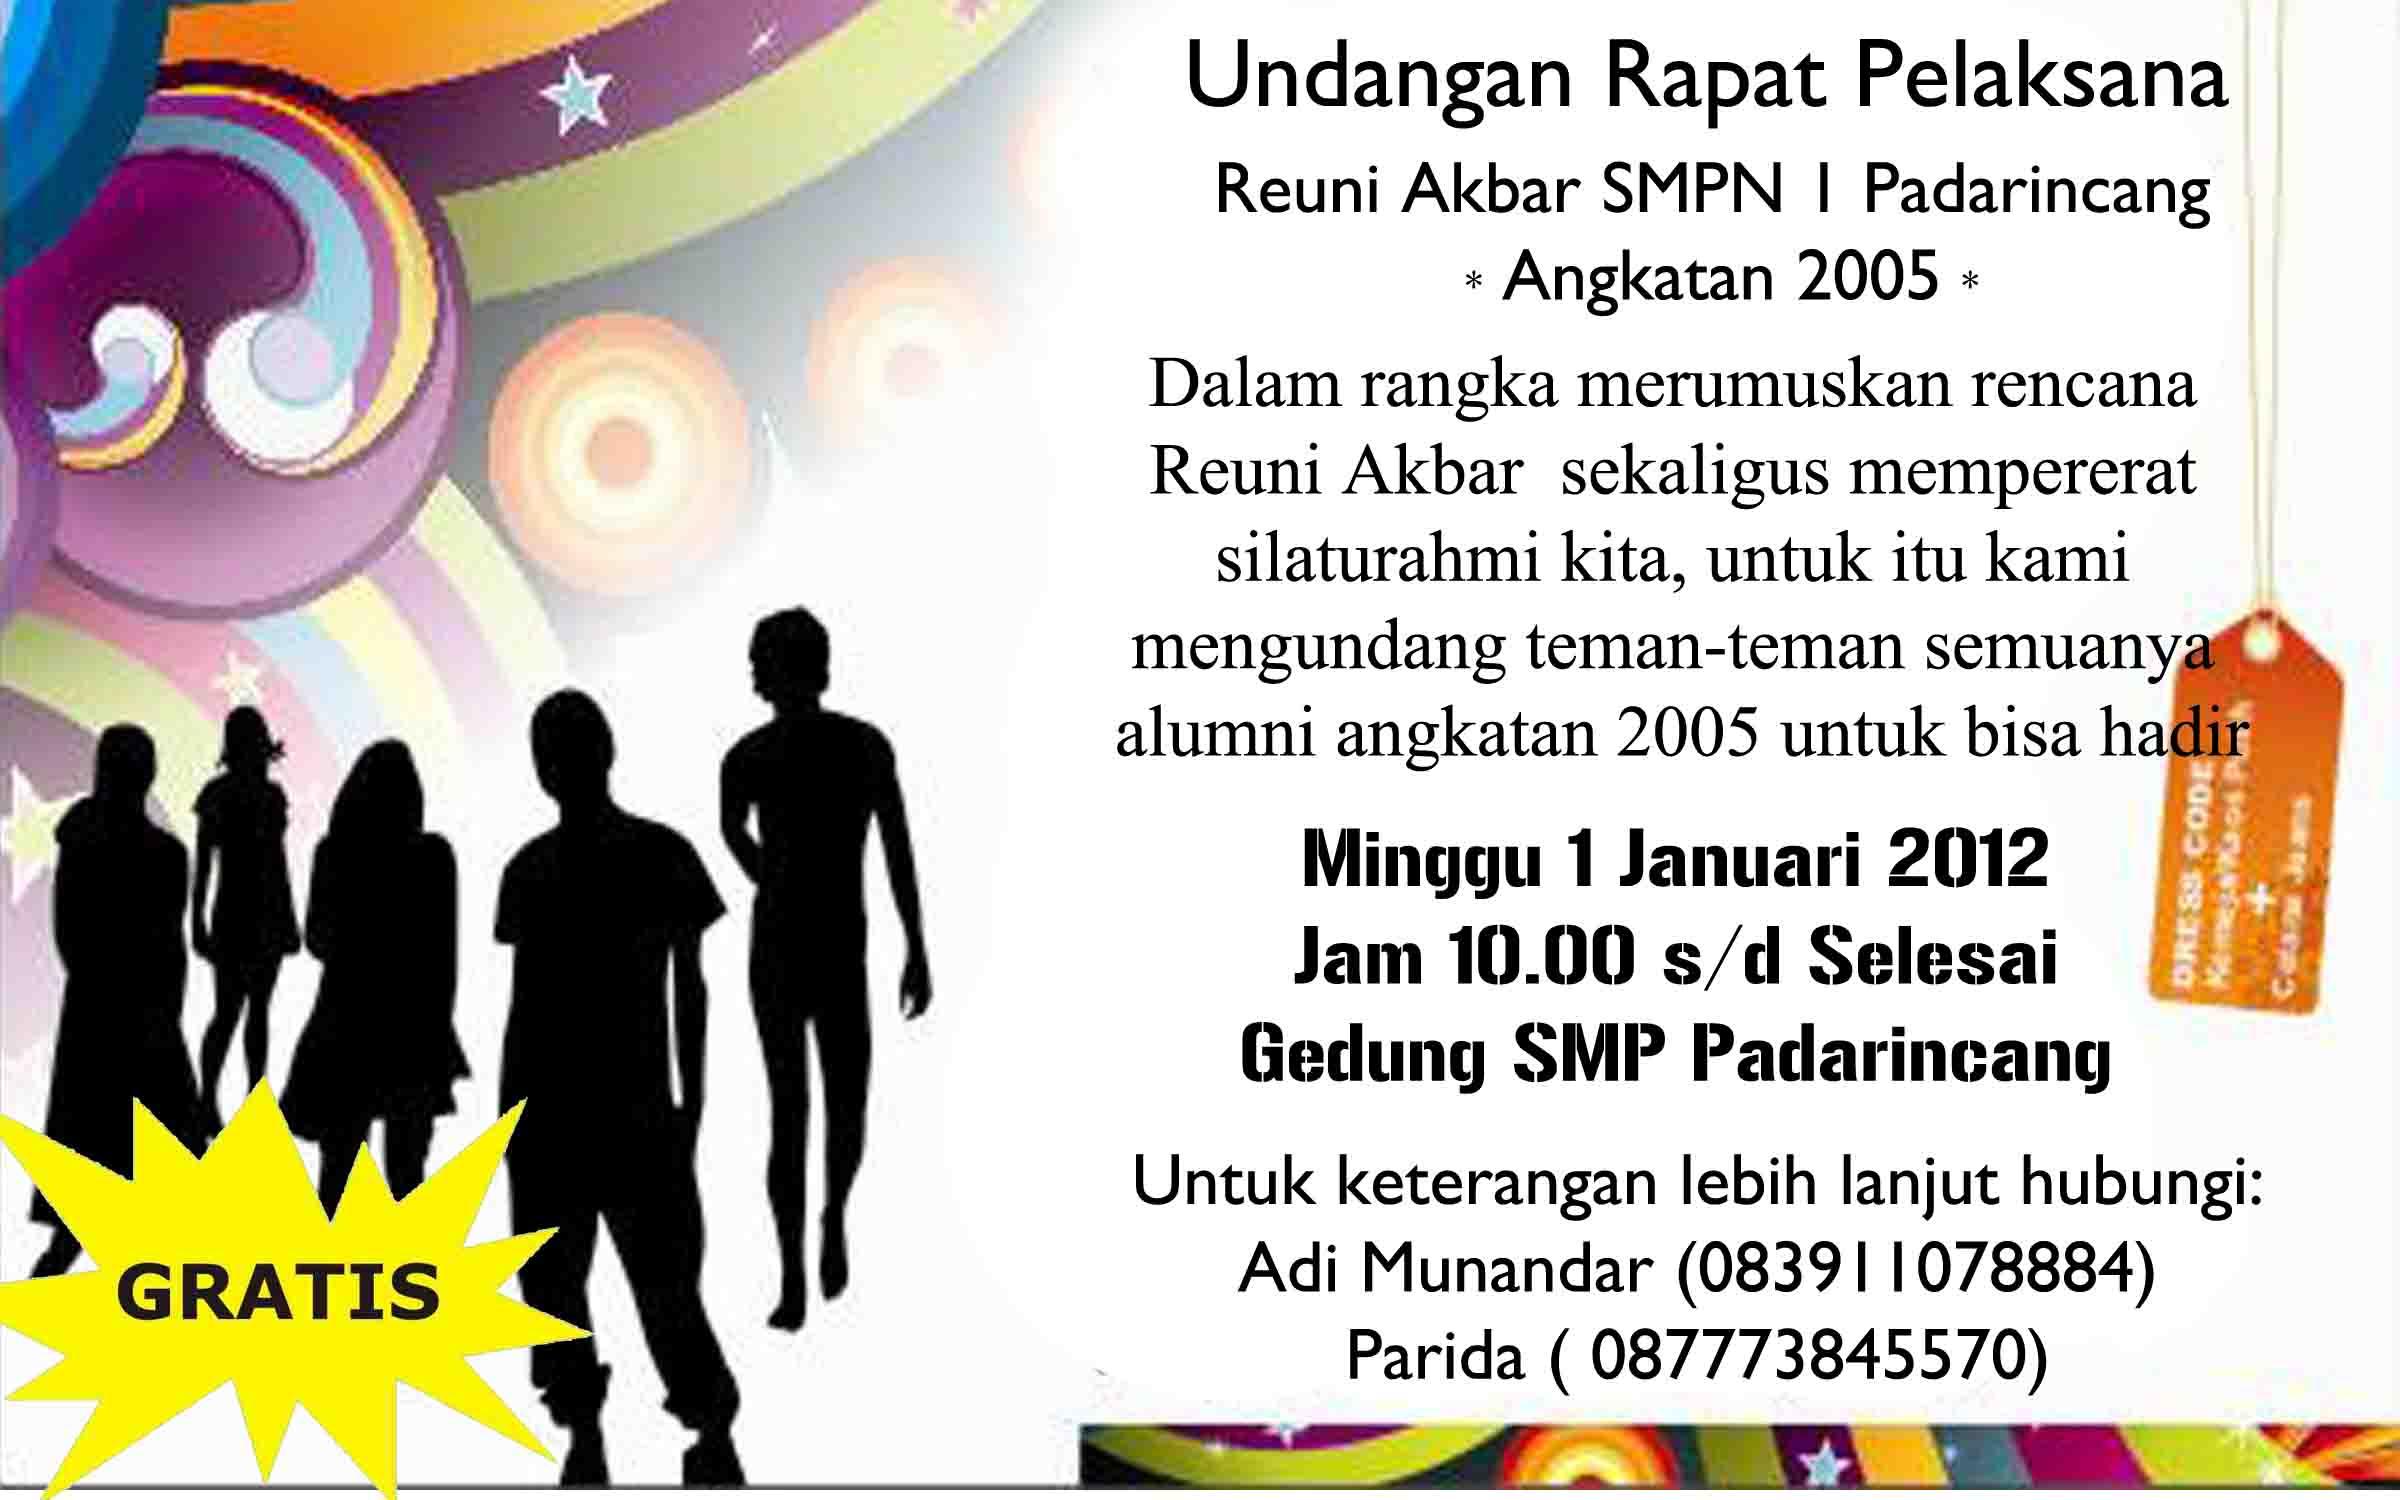 Undangan Rapat Pelaksana Reuni Akbar 2005 Adi Munandar